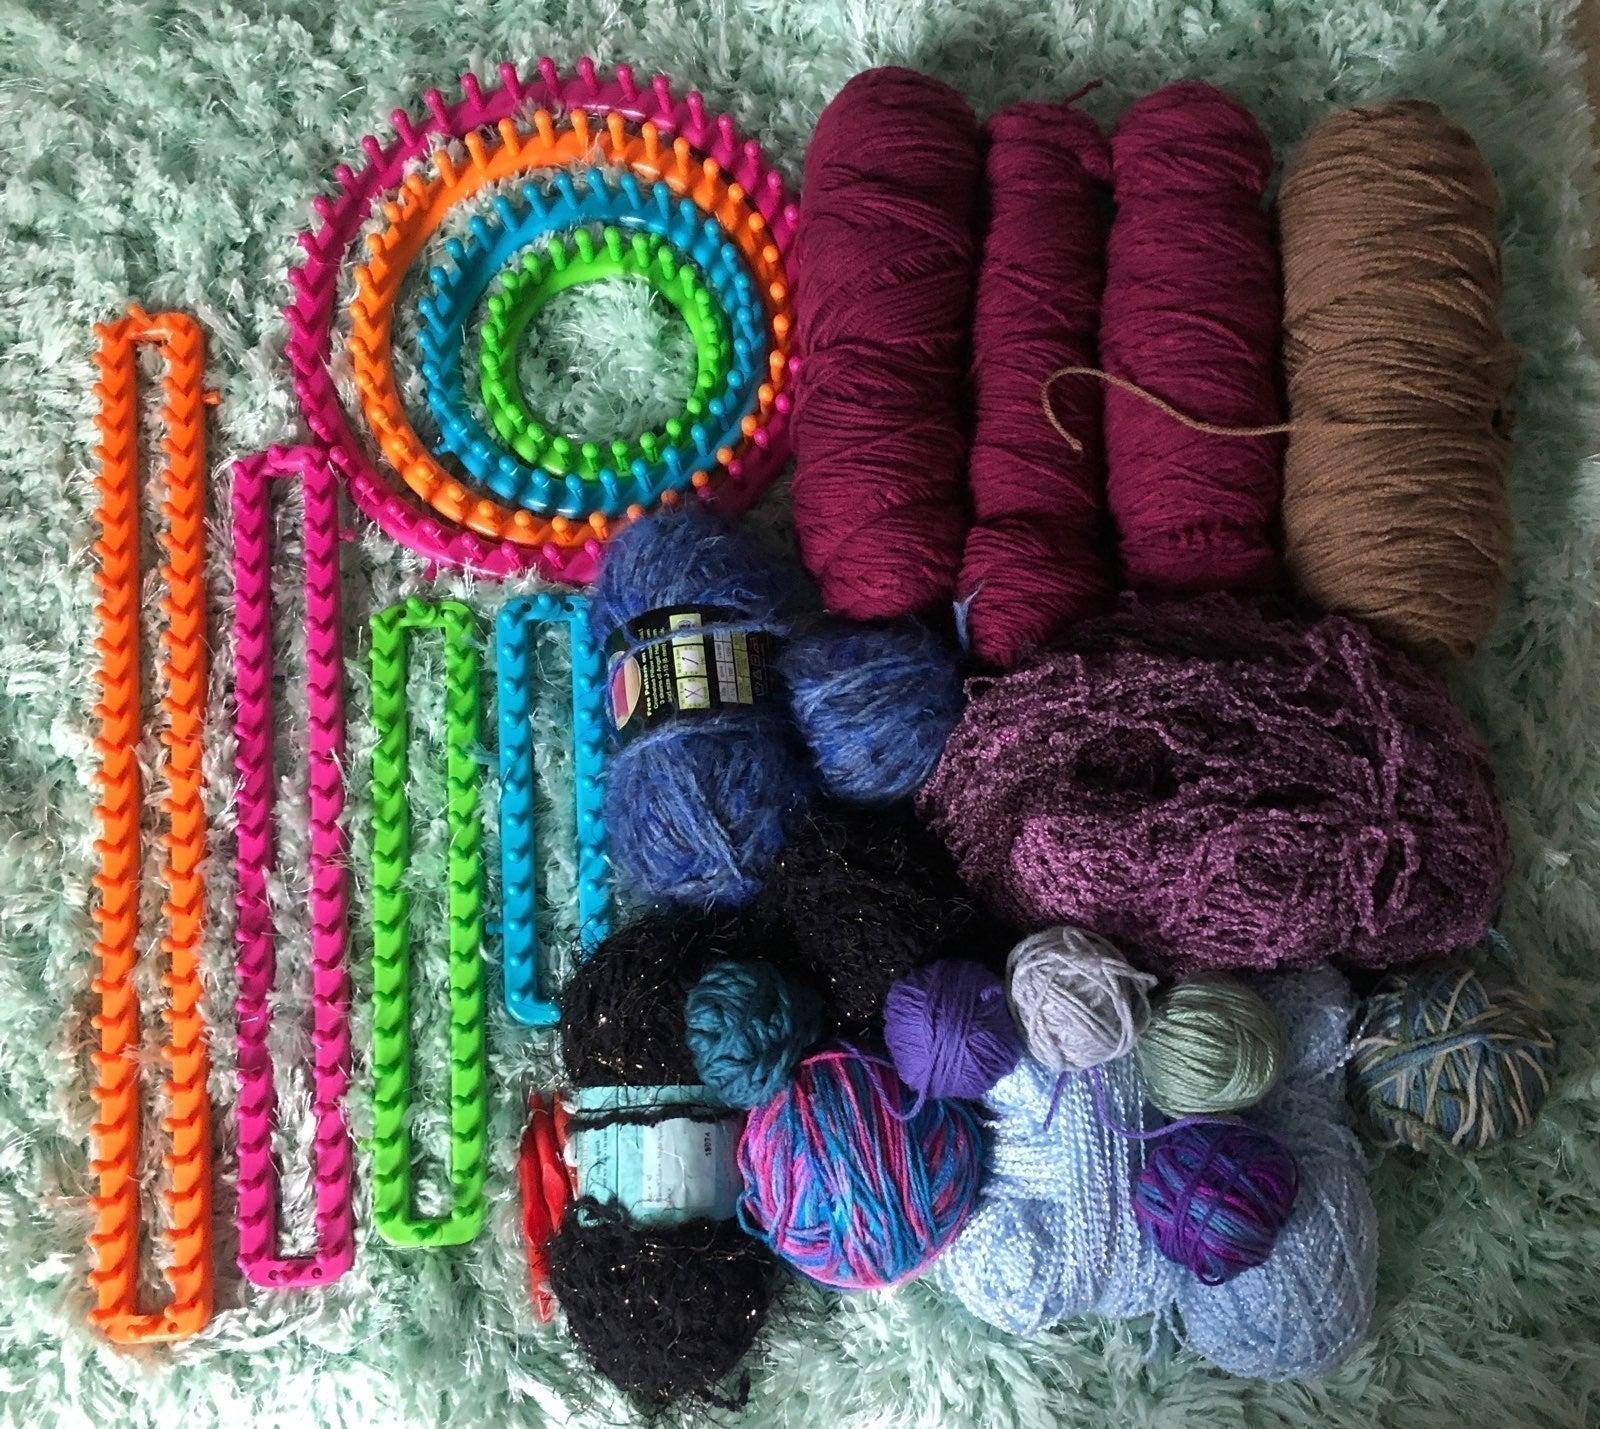 Knitting Looms and Yarn